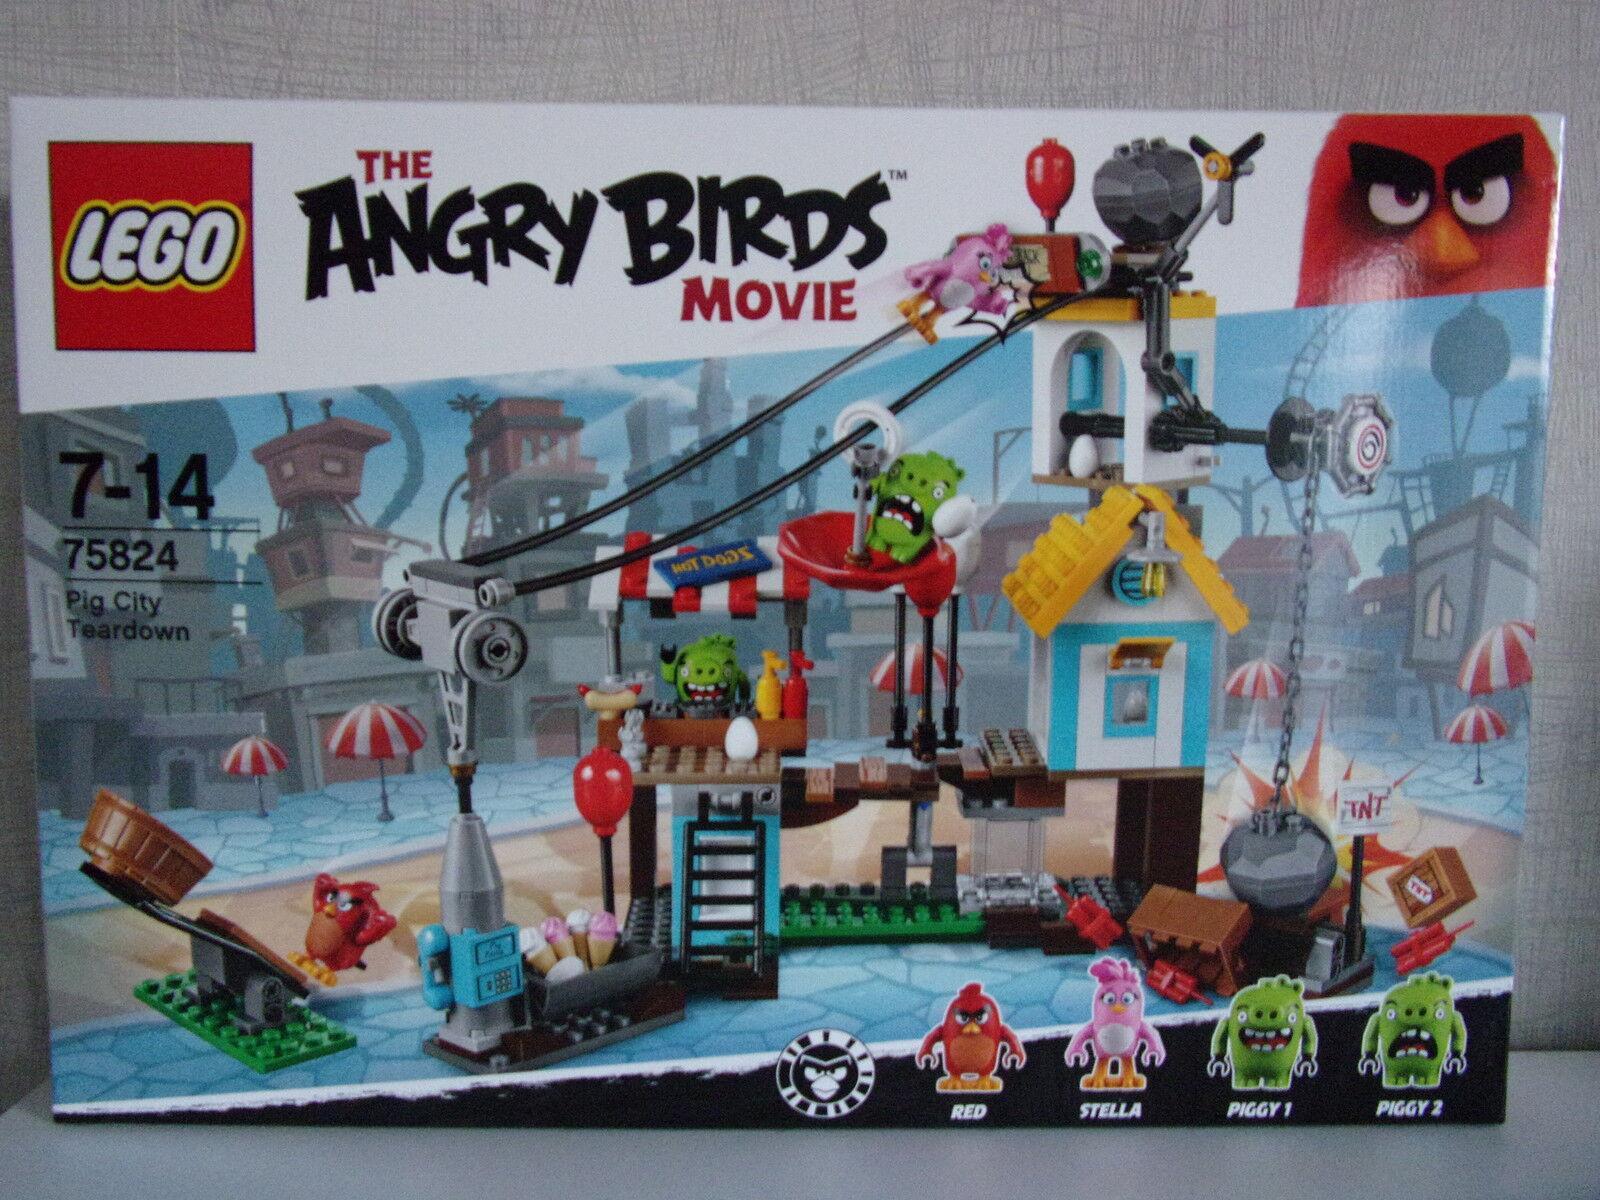 spedizione gratuita in tutto il mondo LEGO ANGRY ANGRY ANGRY BIRDS 75824 (Pig città Teardown) - NUOVO & OVP  qualità di prima classe